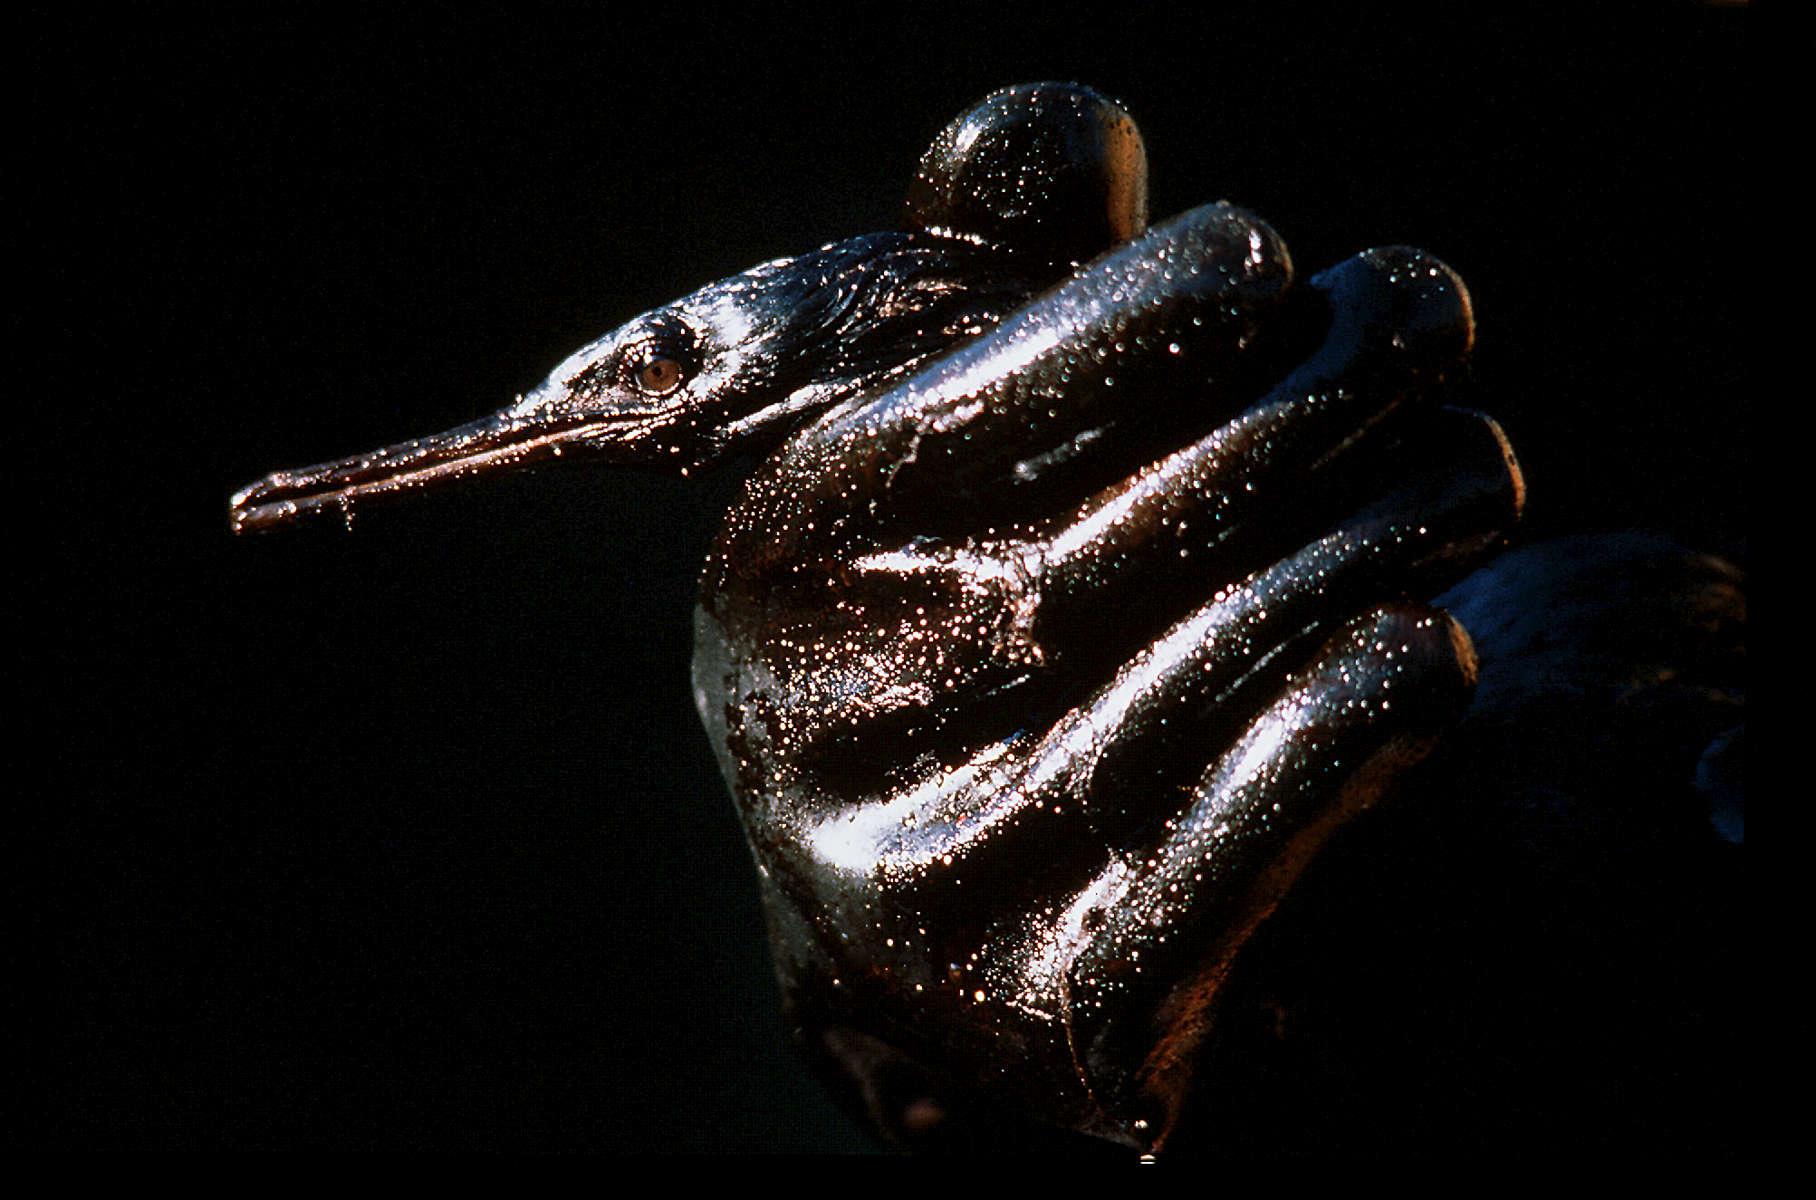 Exxon Valdez oil spill, 1989